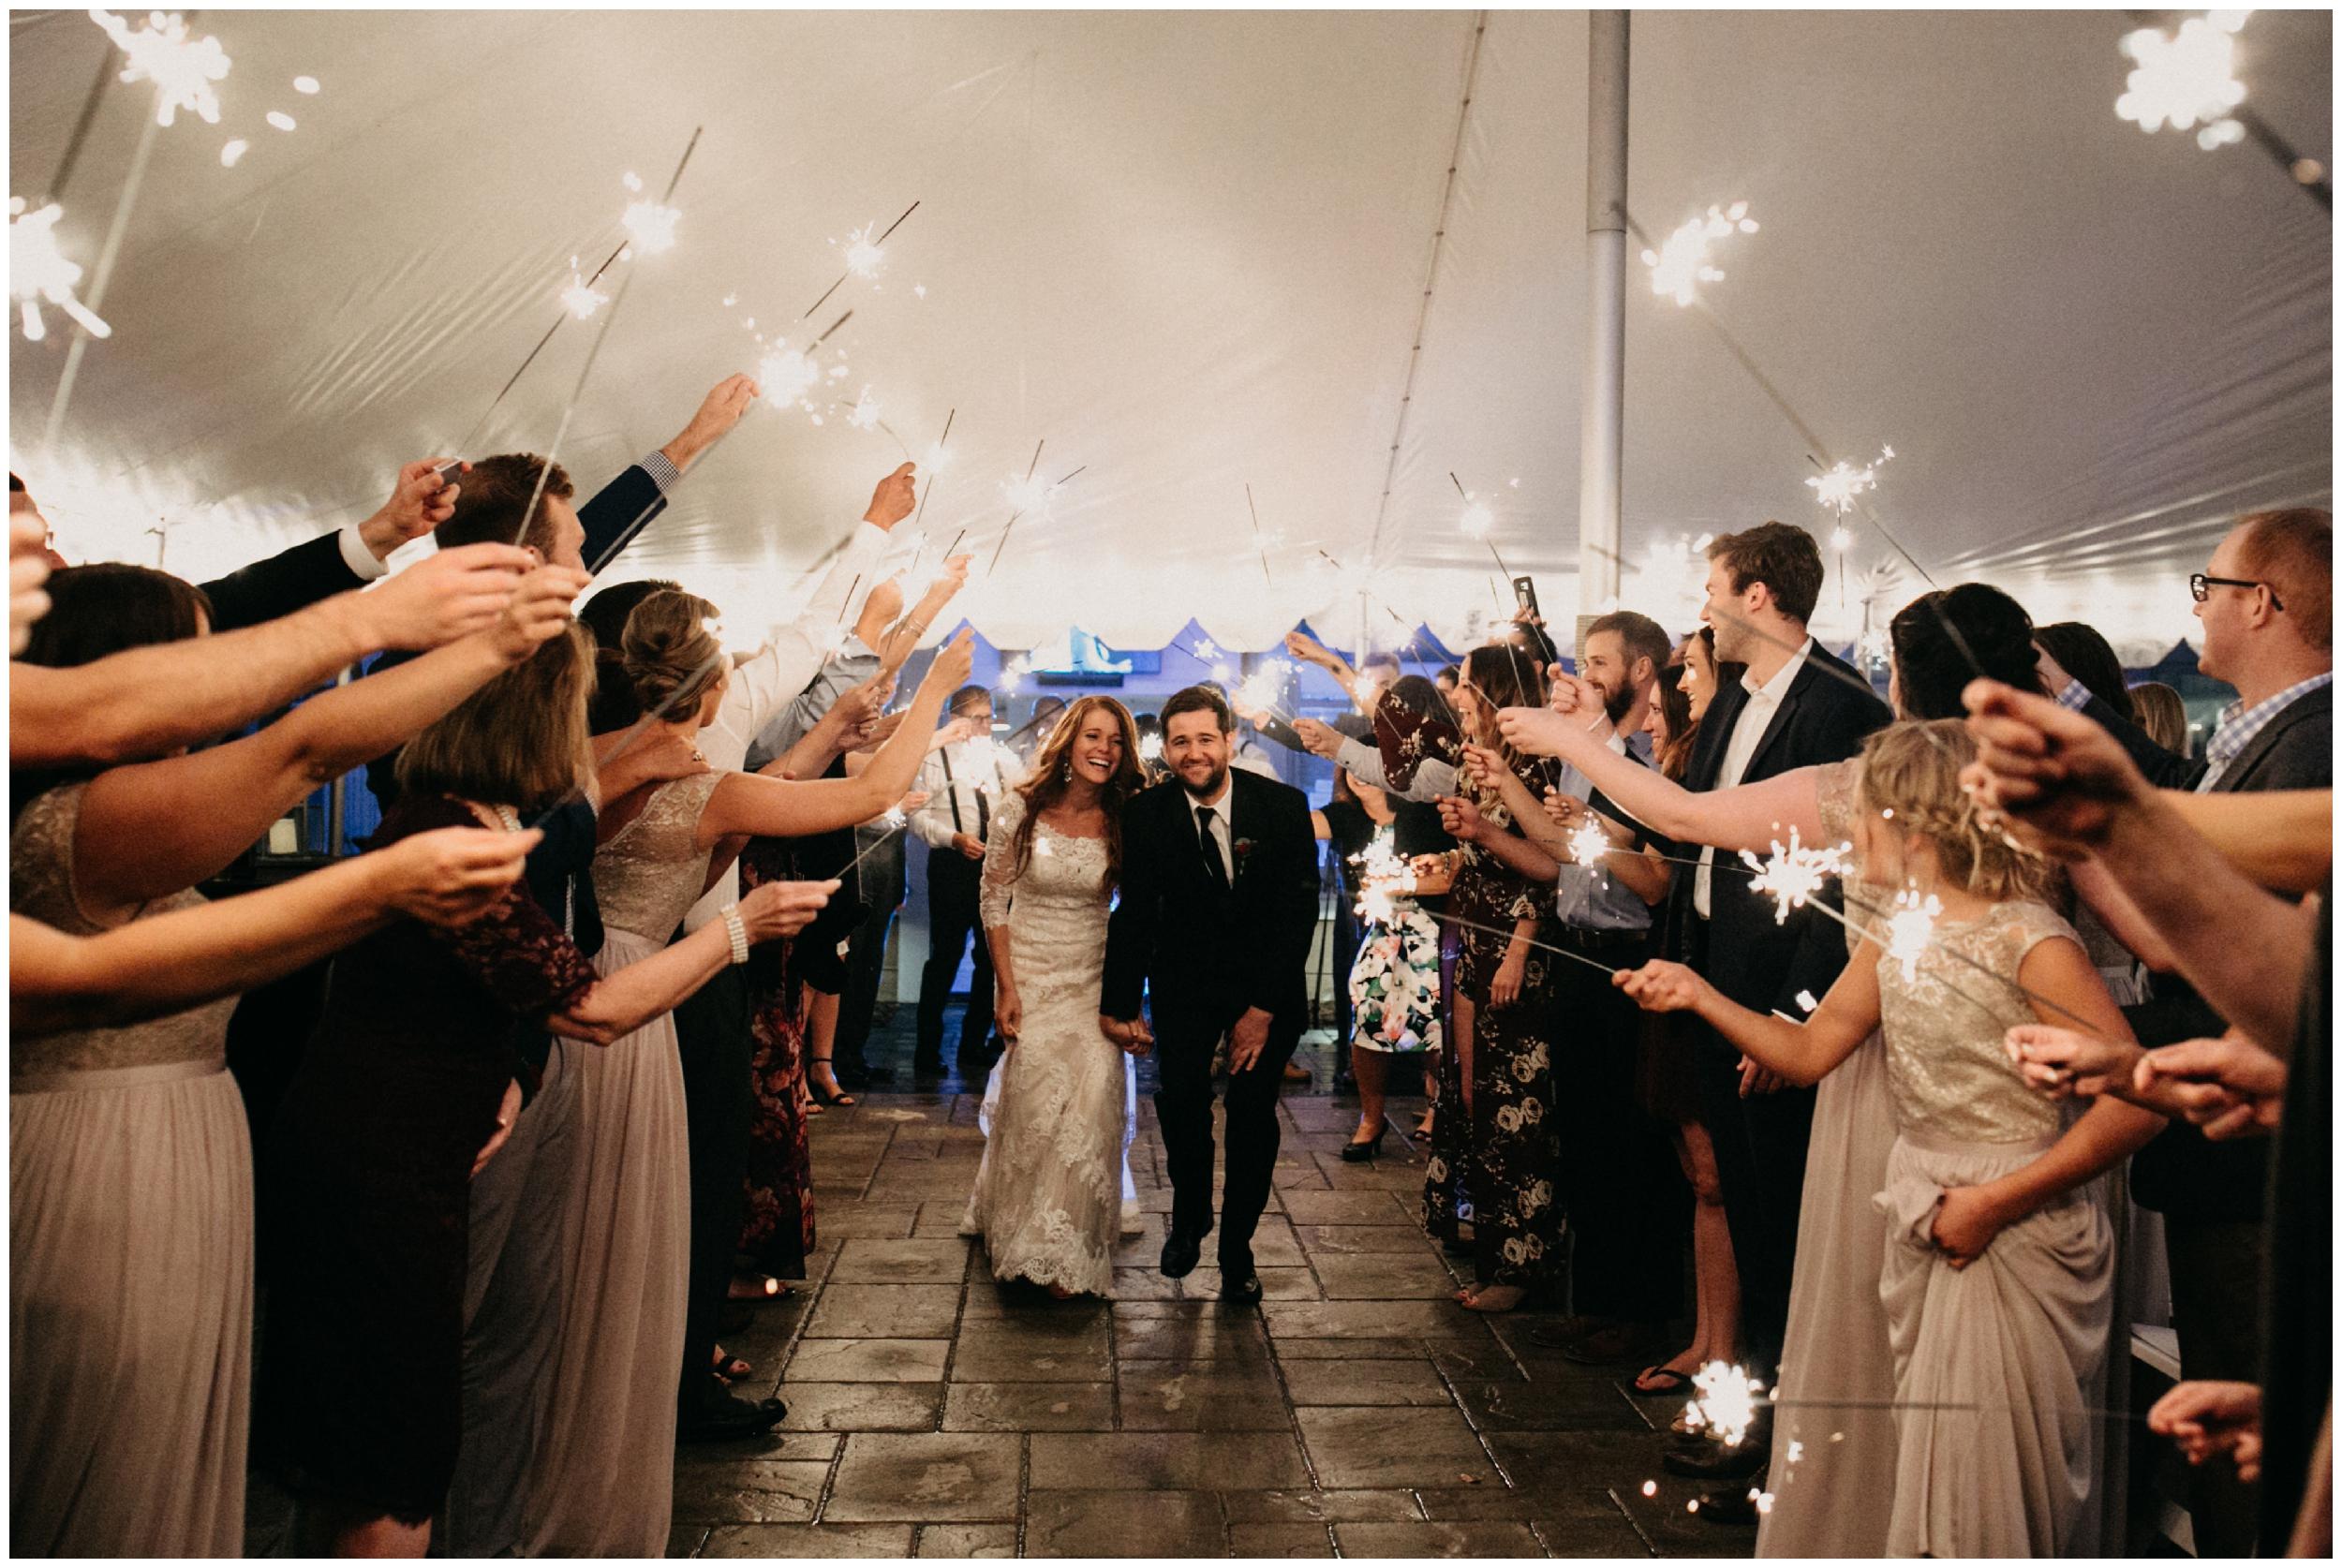 Sparkler wedding exit at the Quarterdeck in Brainerd